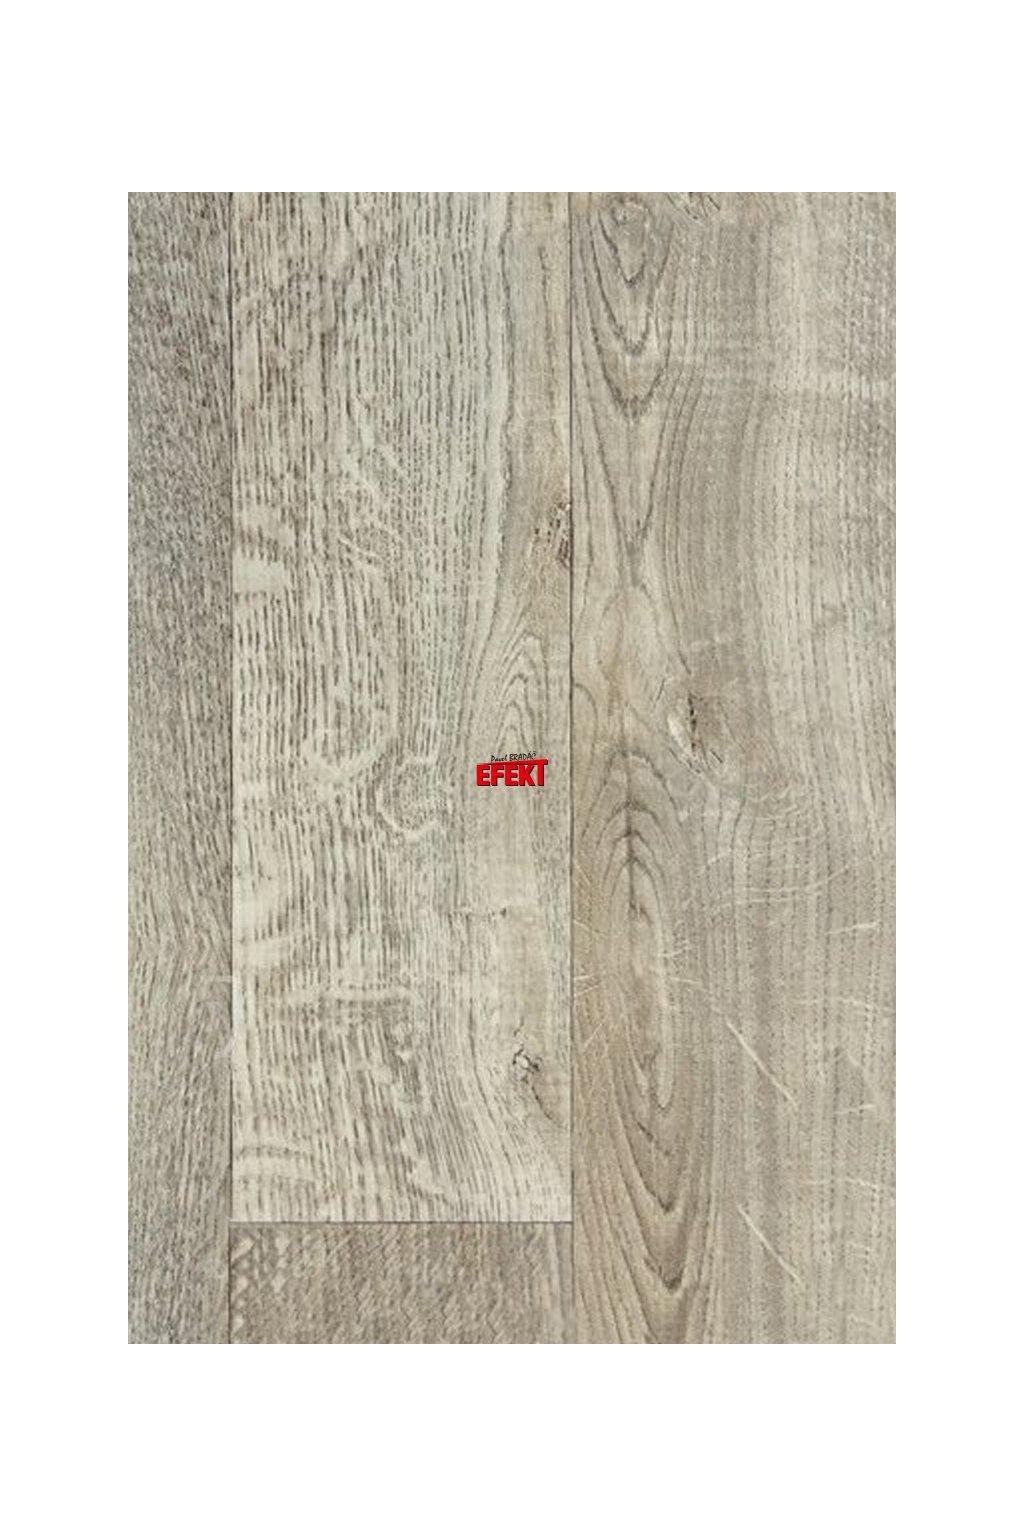 Blacktex White Oak 997D